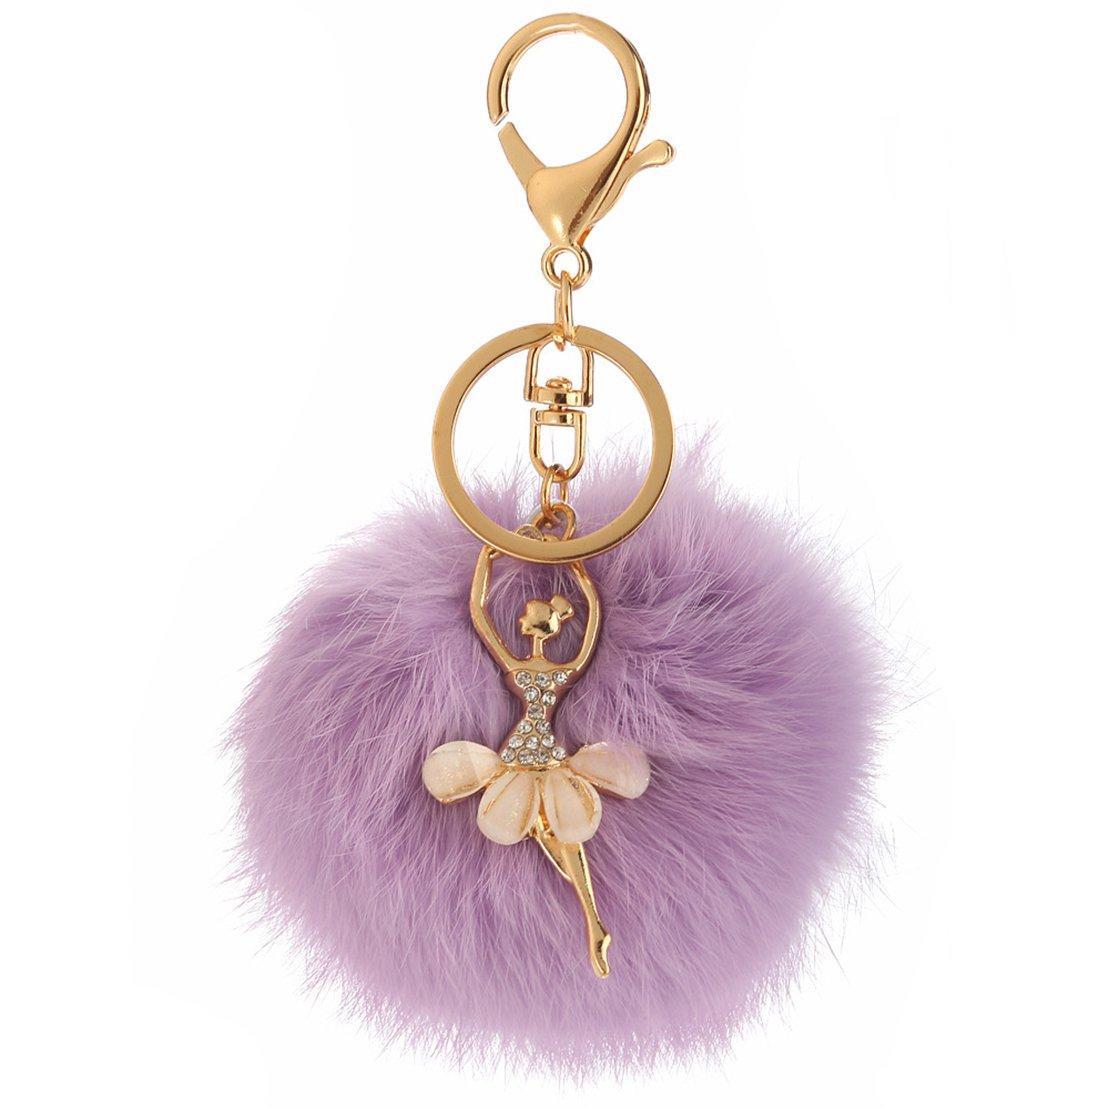 Mxixi couleur artificiel unie lapin boule de fourrure dansant fille pendentif porte-cl/és moelleux sac /à main charme cl/é anneau cl/é de voiture d/écoration Couleur 1